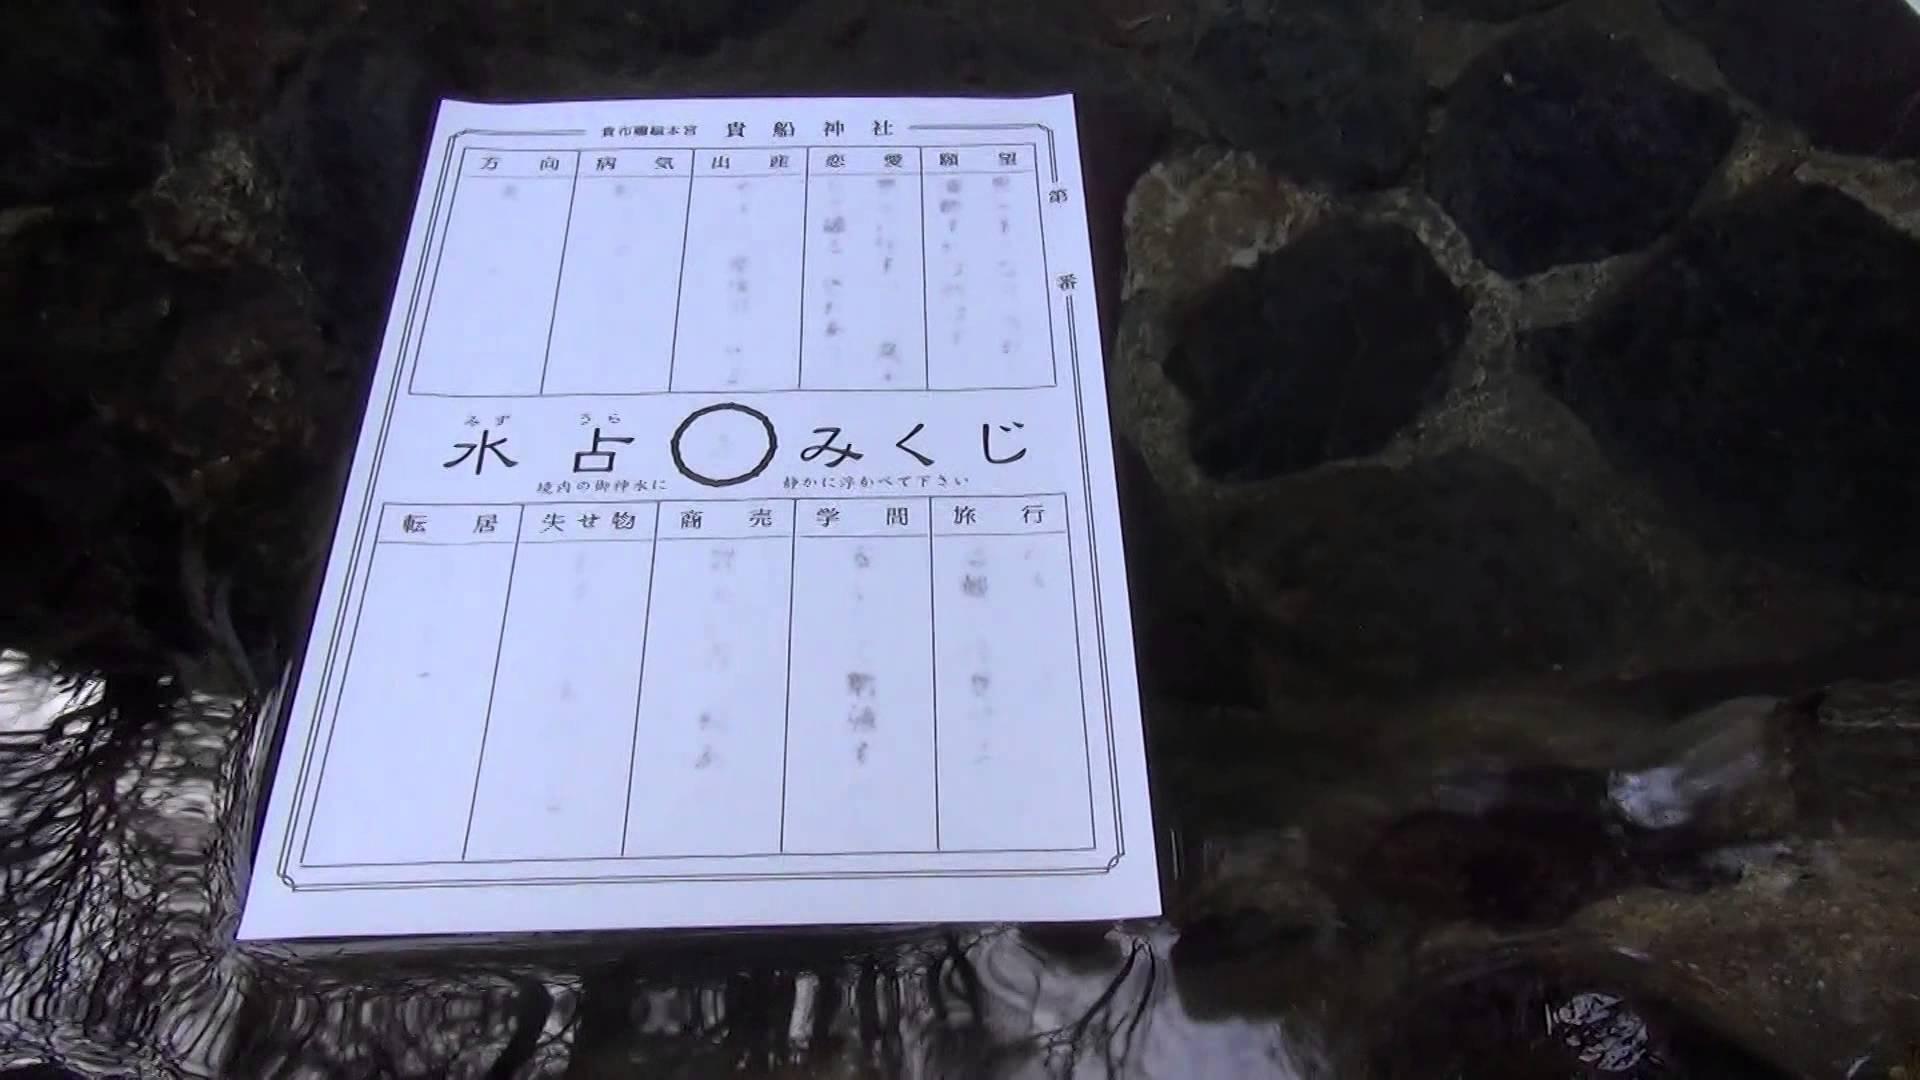 貴船神社編3 あら不思議っ! ご神水に浮かべると運勢が出てくる「水占みくじ」